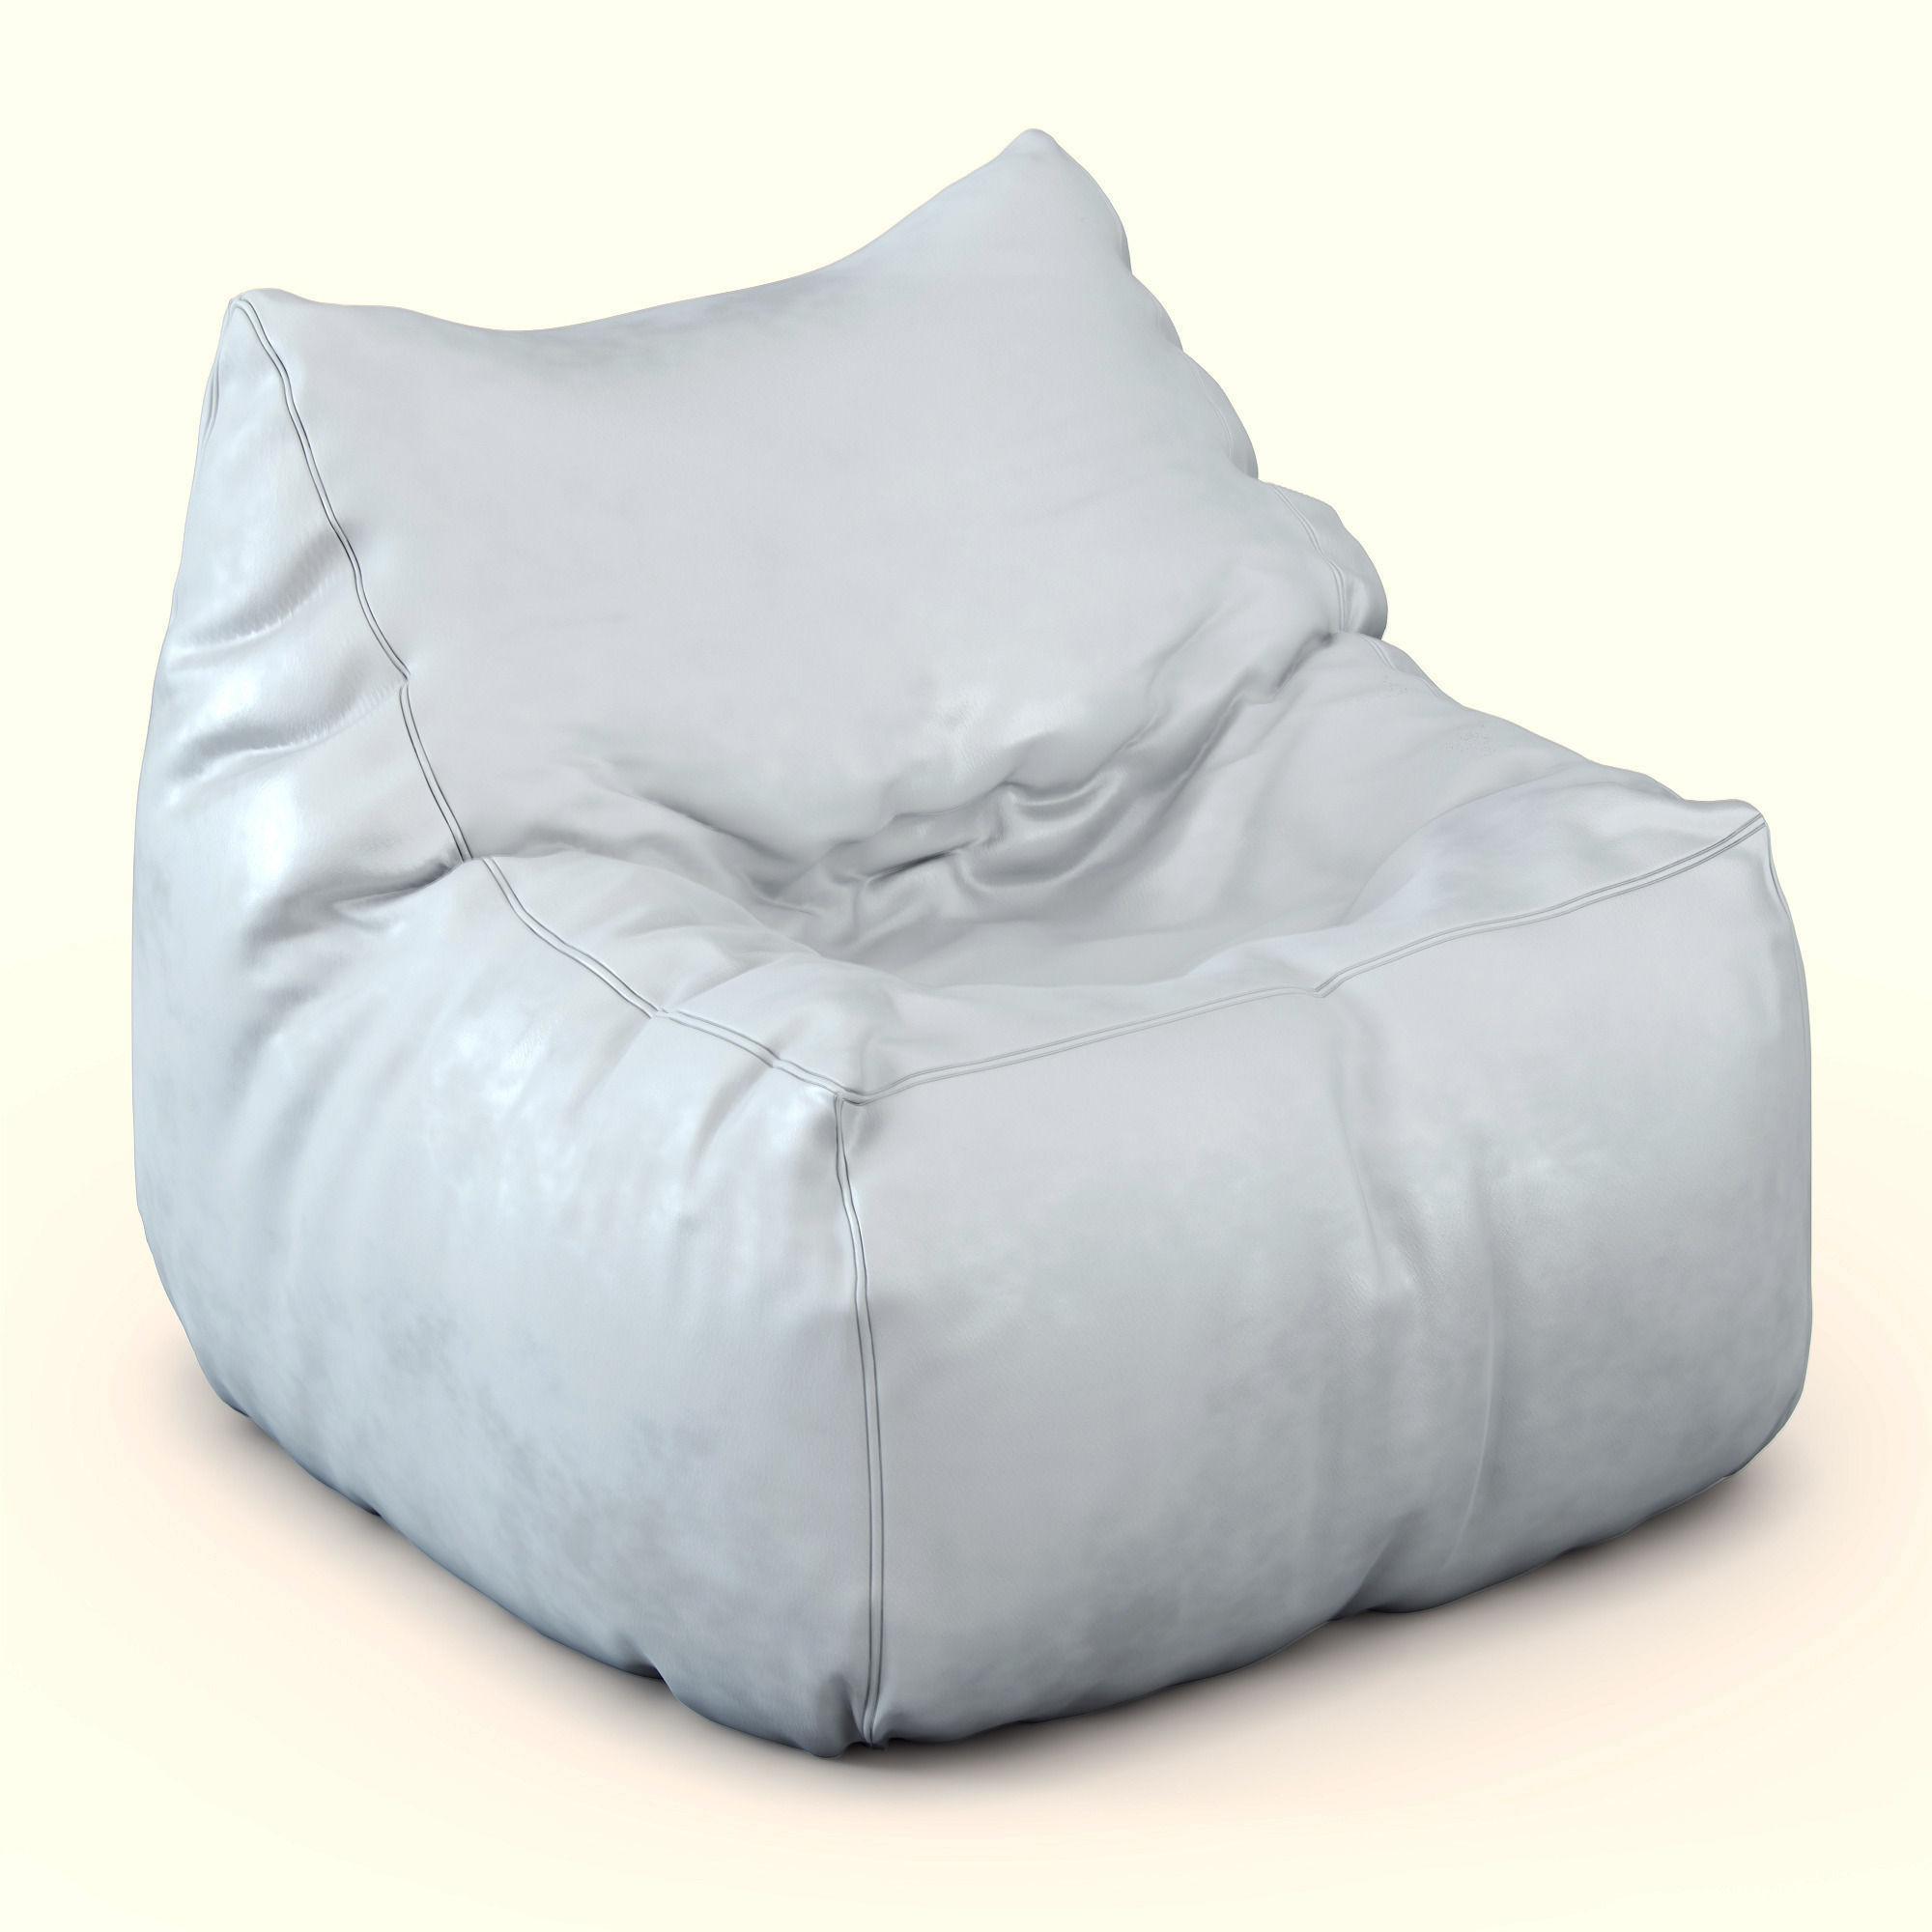 pouf jumbo bag soul noir 3d model max. Black Bedroom Furniture Sets. Home Design Ideas